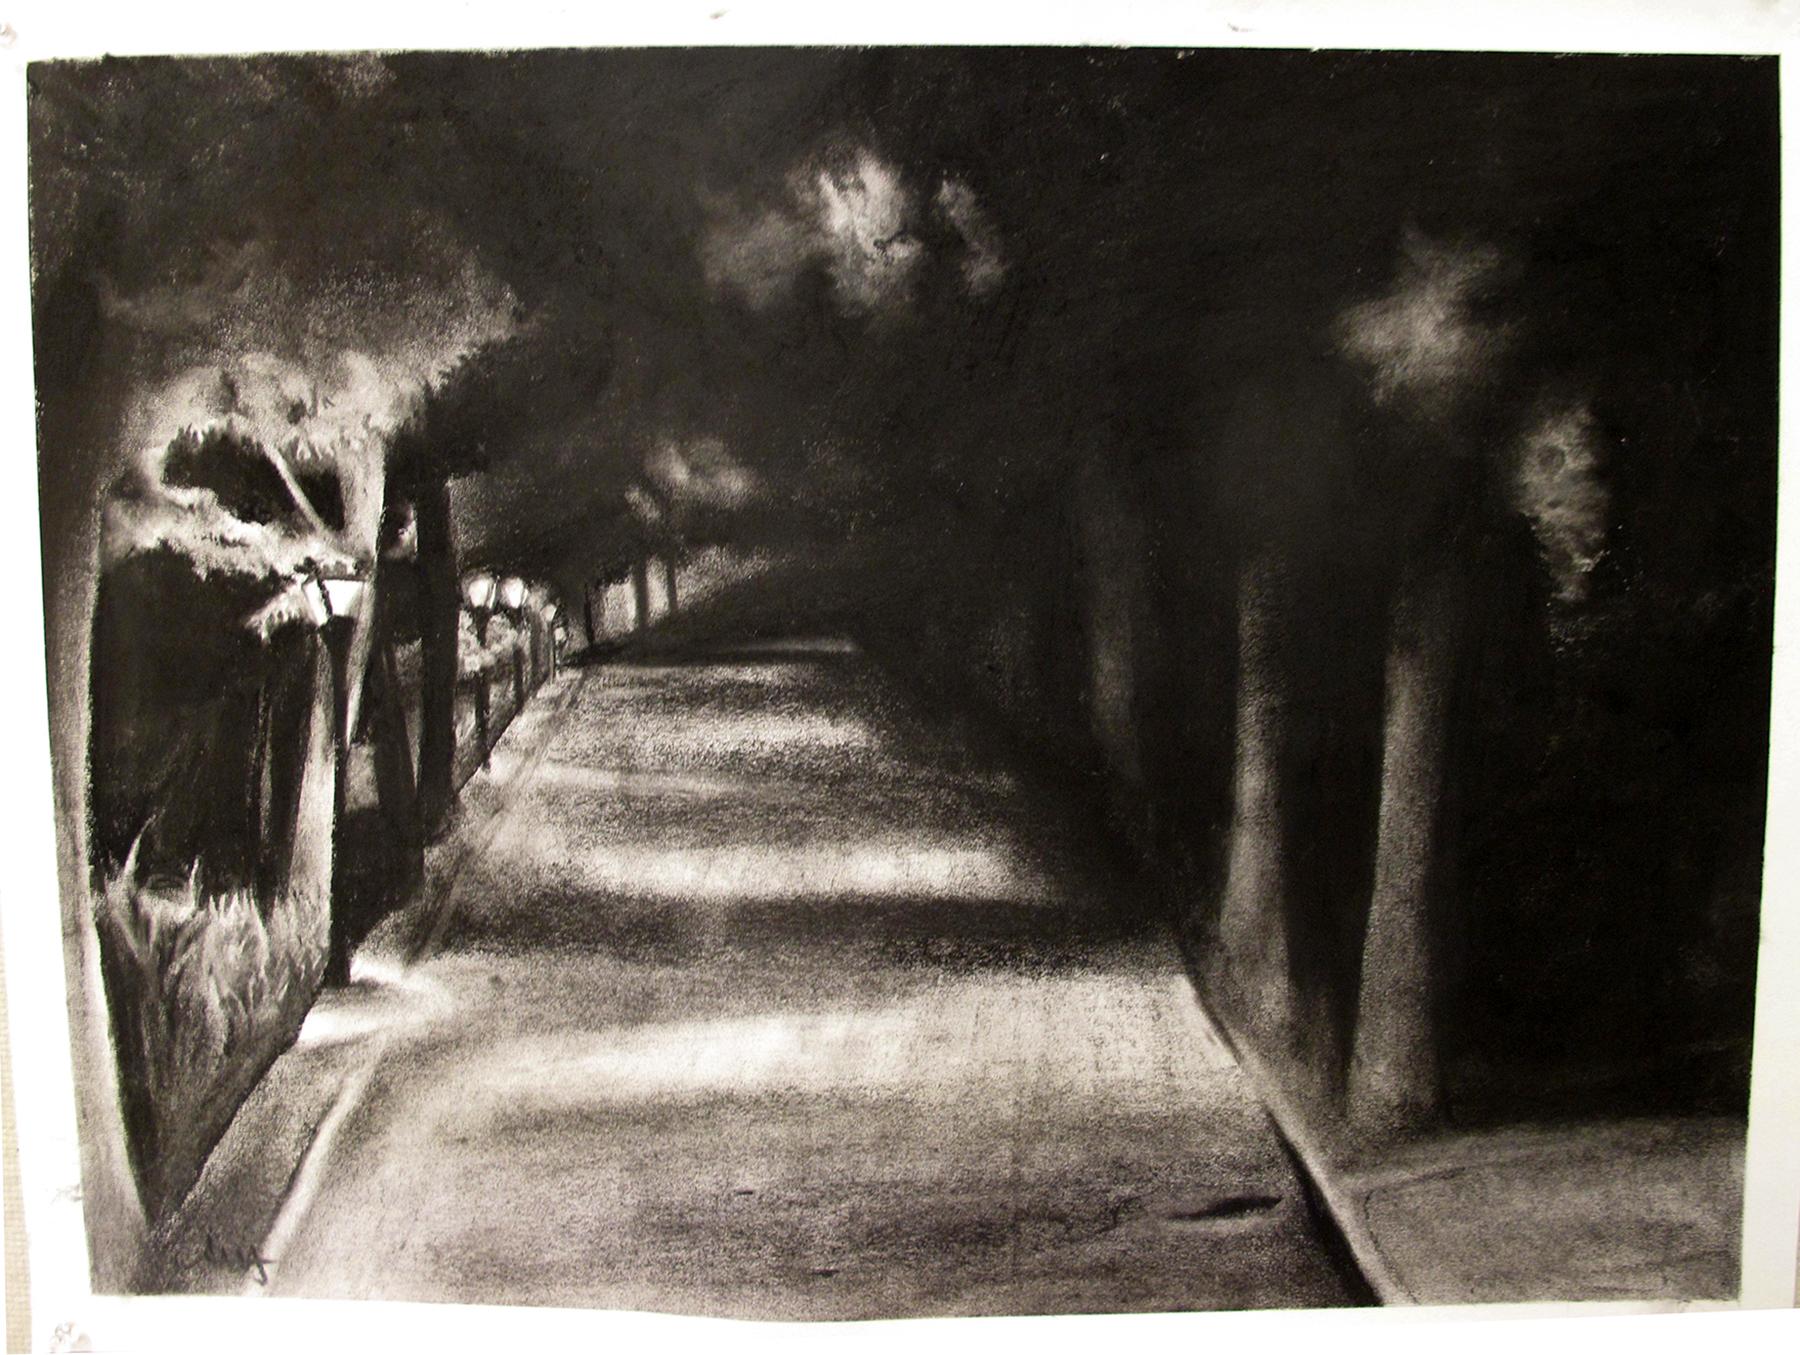 Andrea-nightime landscape.jpg